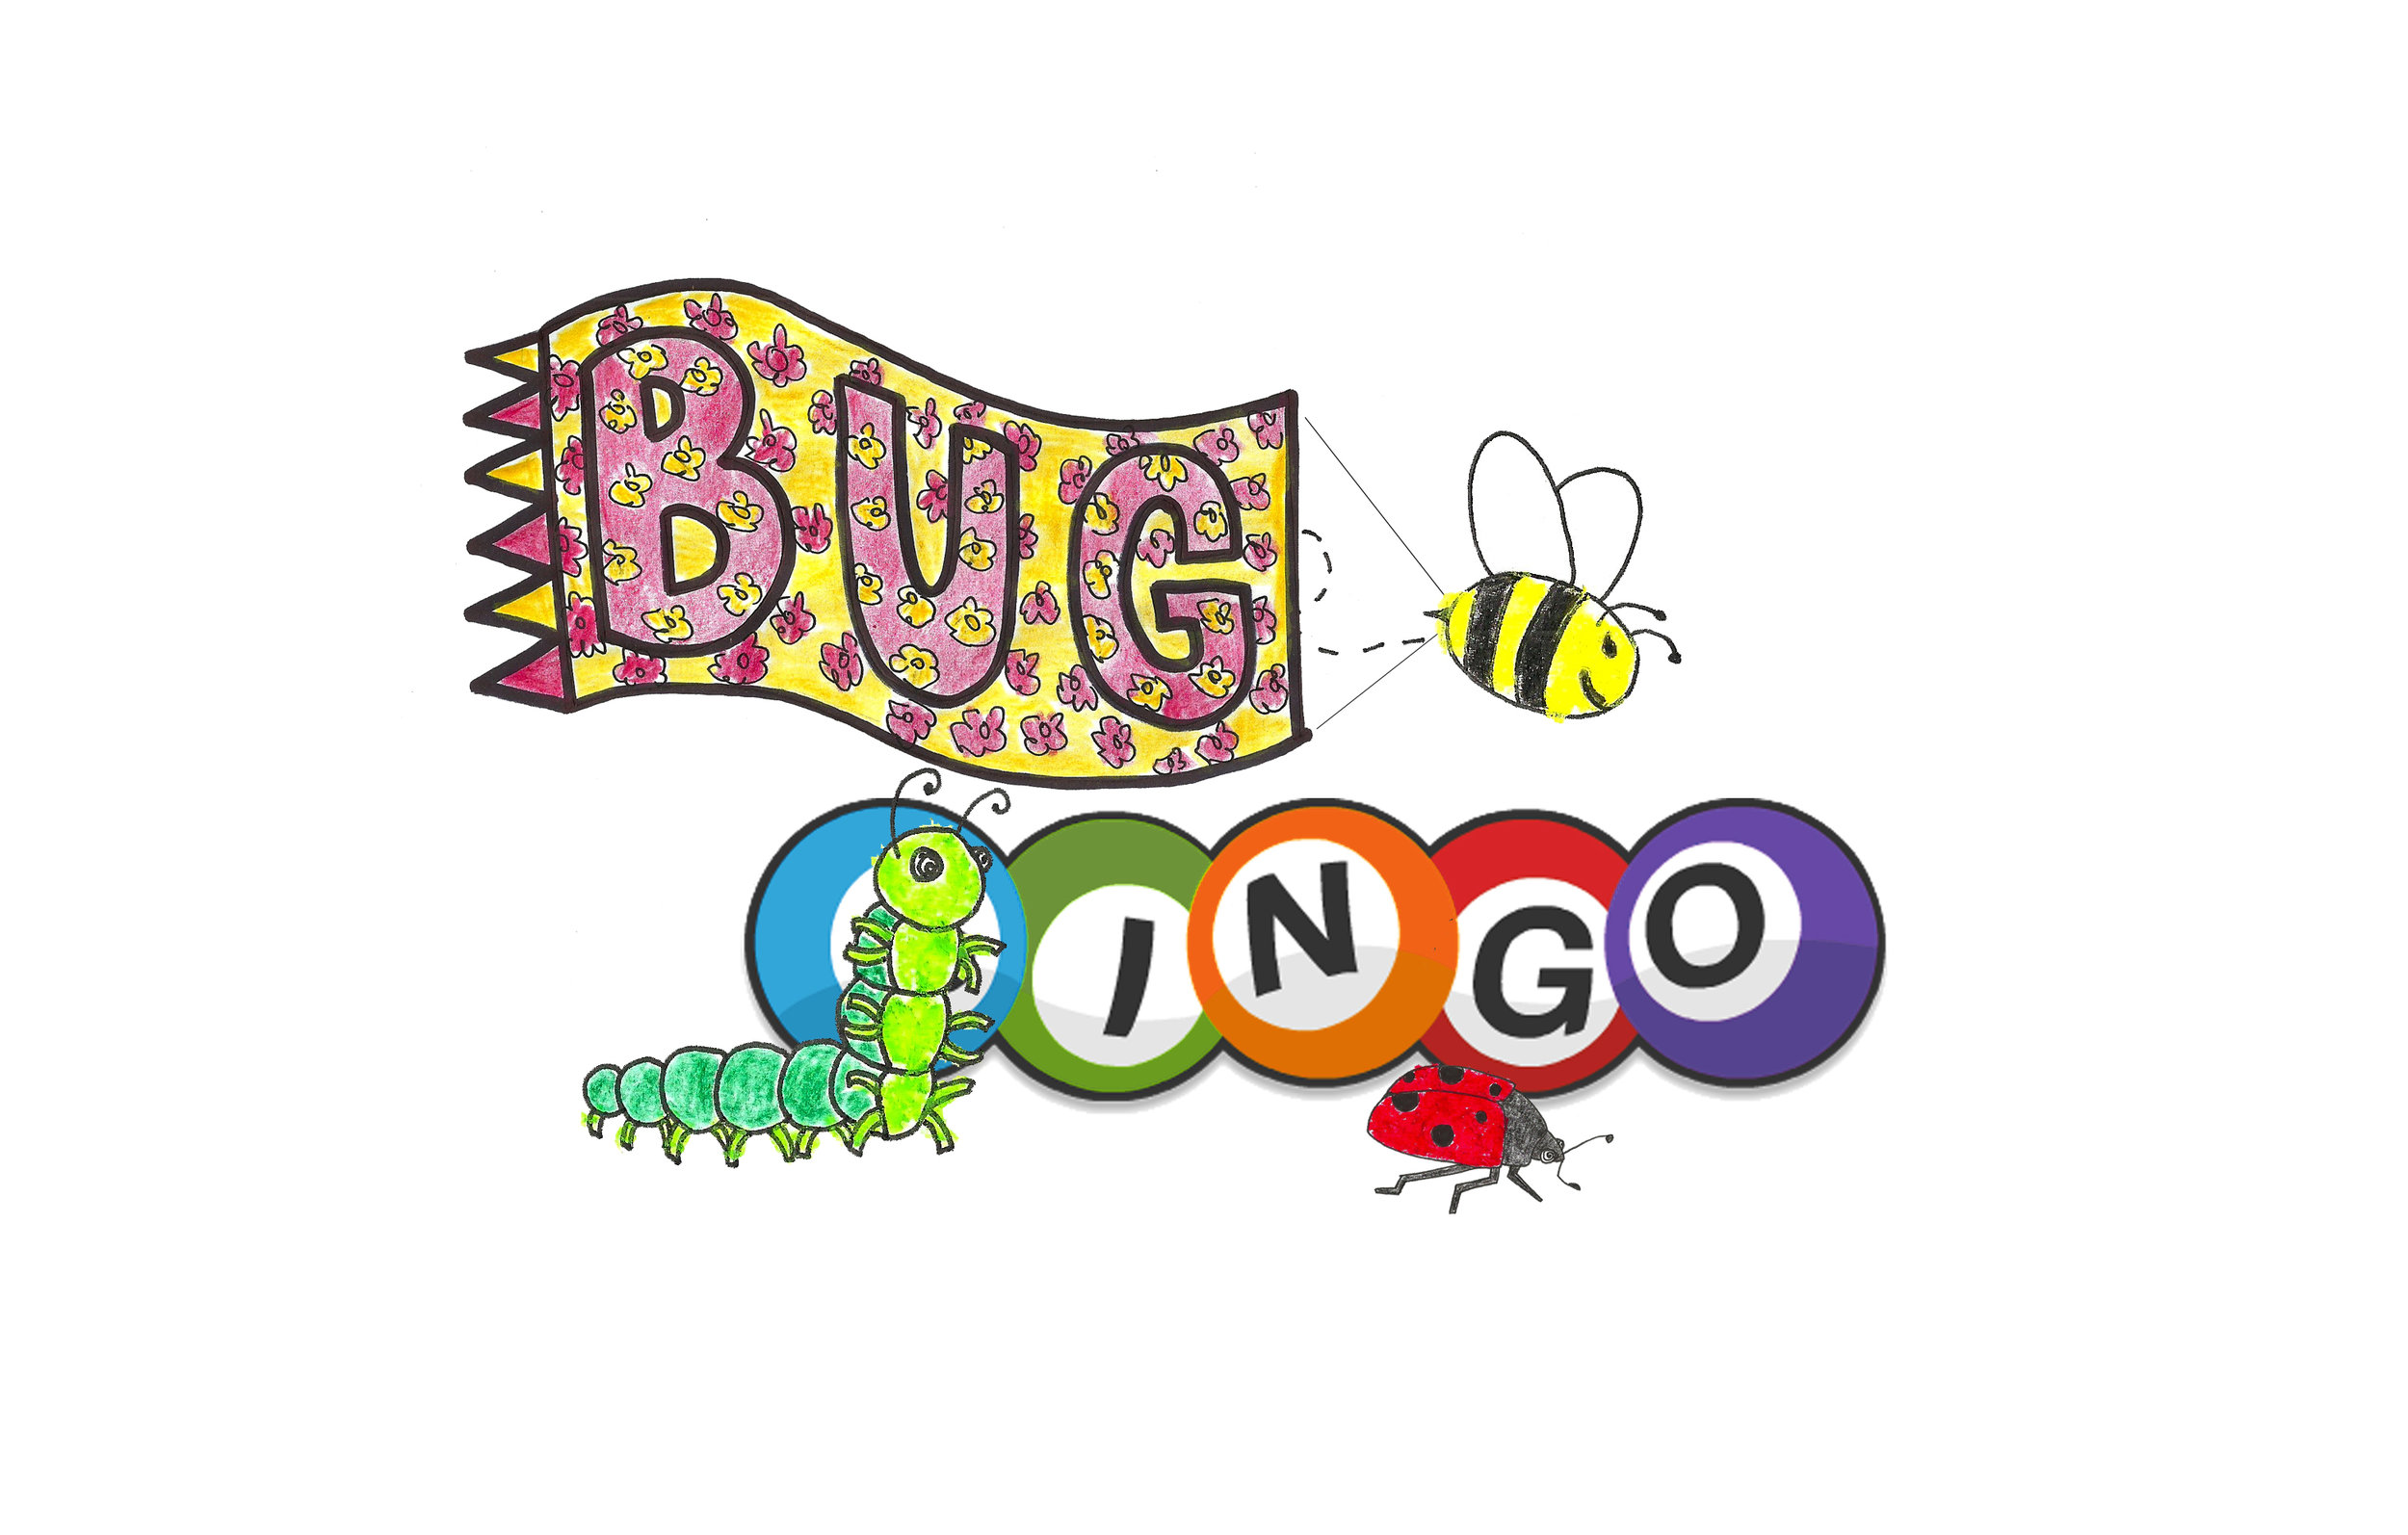 bugingo image2.jpg